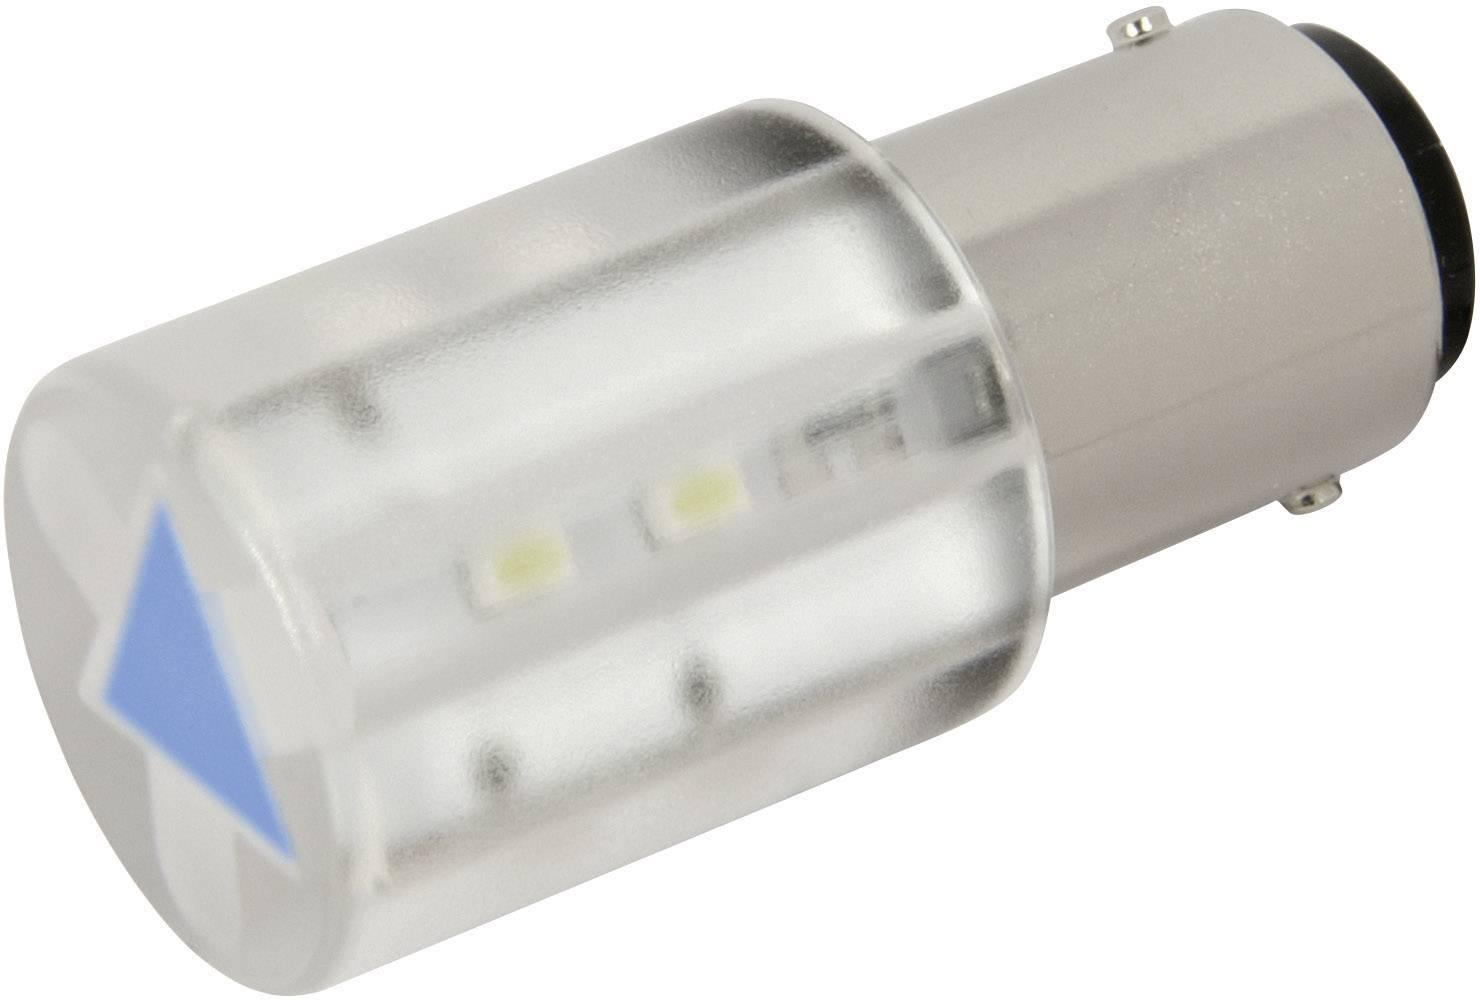 LEDžiarovka CML 18560357, BA15d, 24 V/DC, 24 V/AC, 210 mcd, modrá